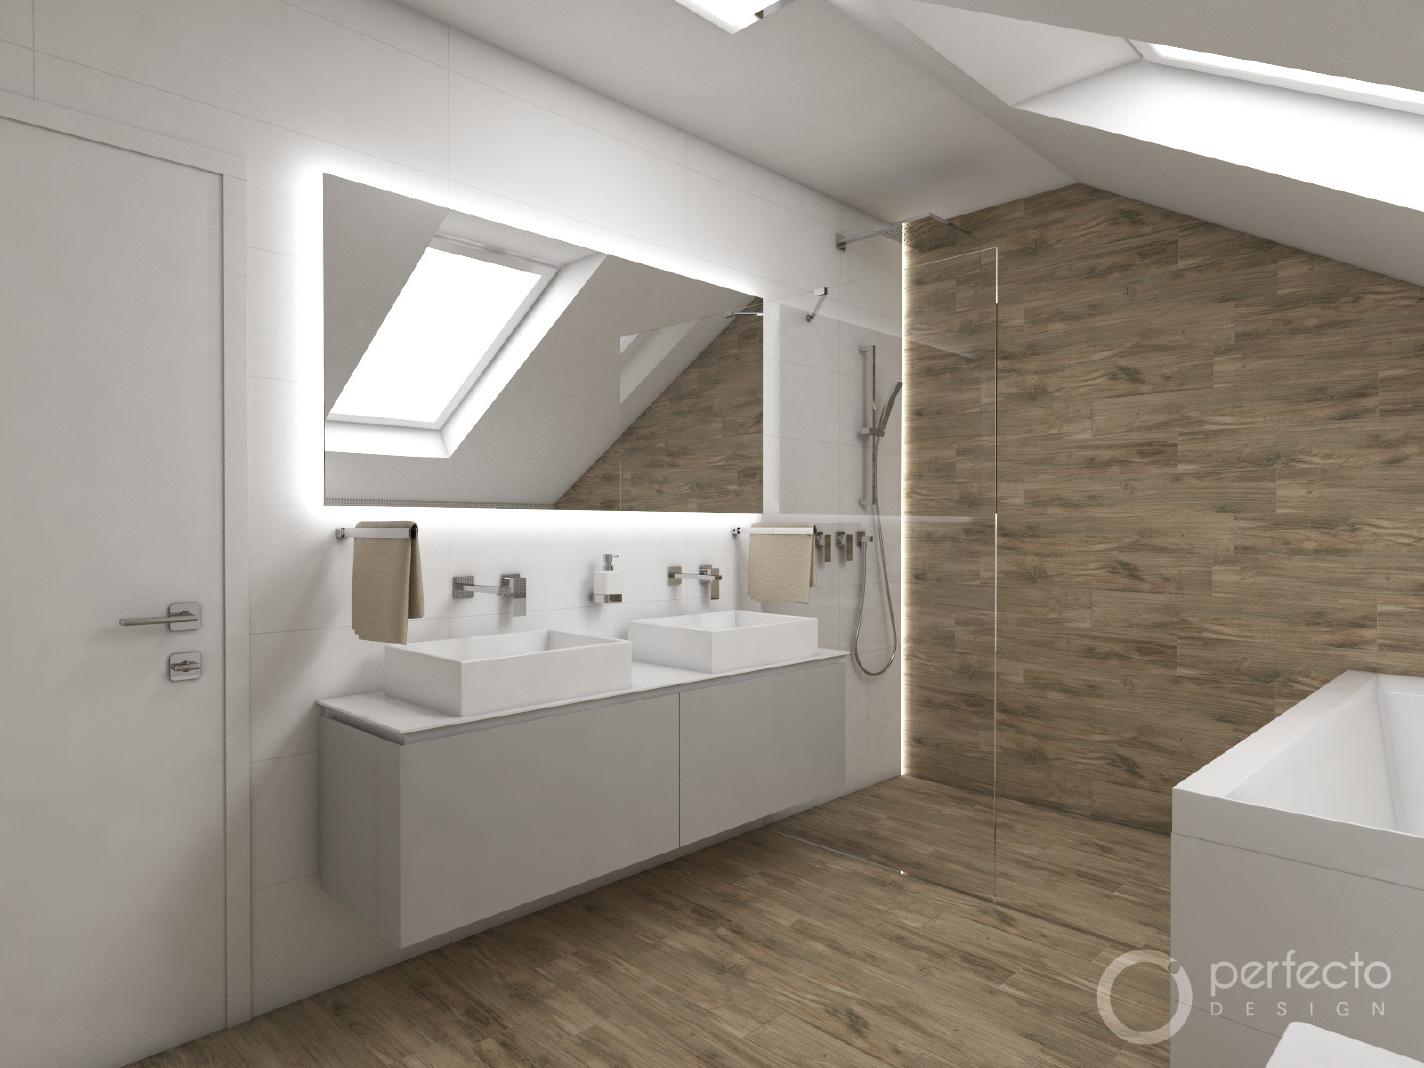 Sichtschutz Holz VerschOnern ~ Modernes Badezimmer Ideen Ideen für kleine Badezimmer ROOMIDO